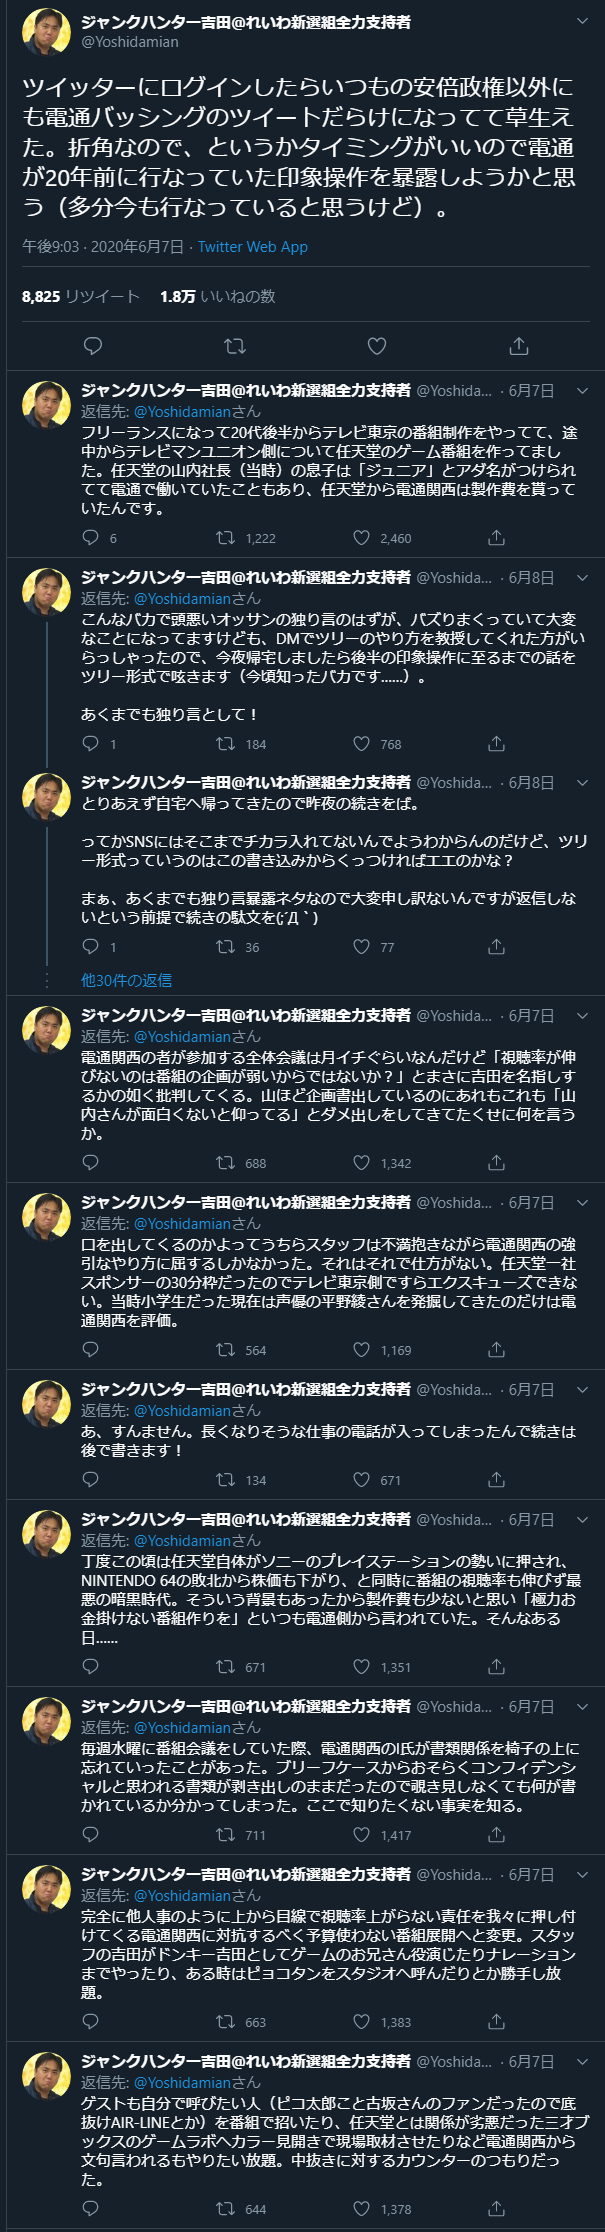 1 3 - TV番組「スーパーマリオクラブ」制作の裏側をJH吉田が暴露!電通と山内の横暴ぶりも明らかに